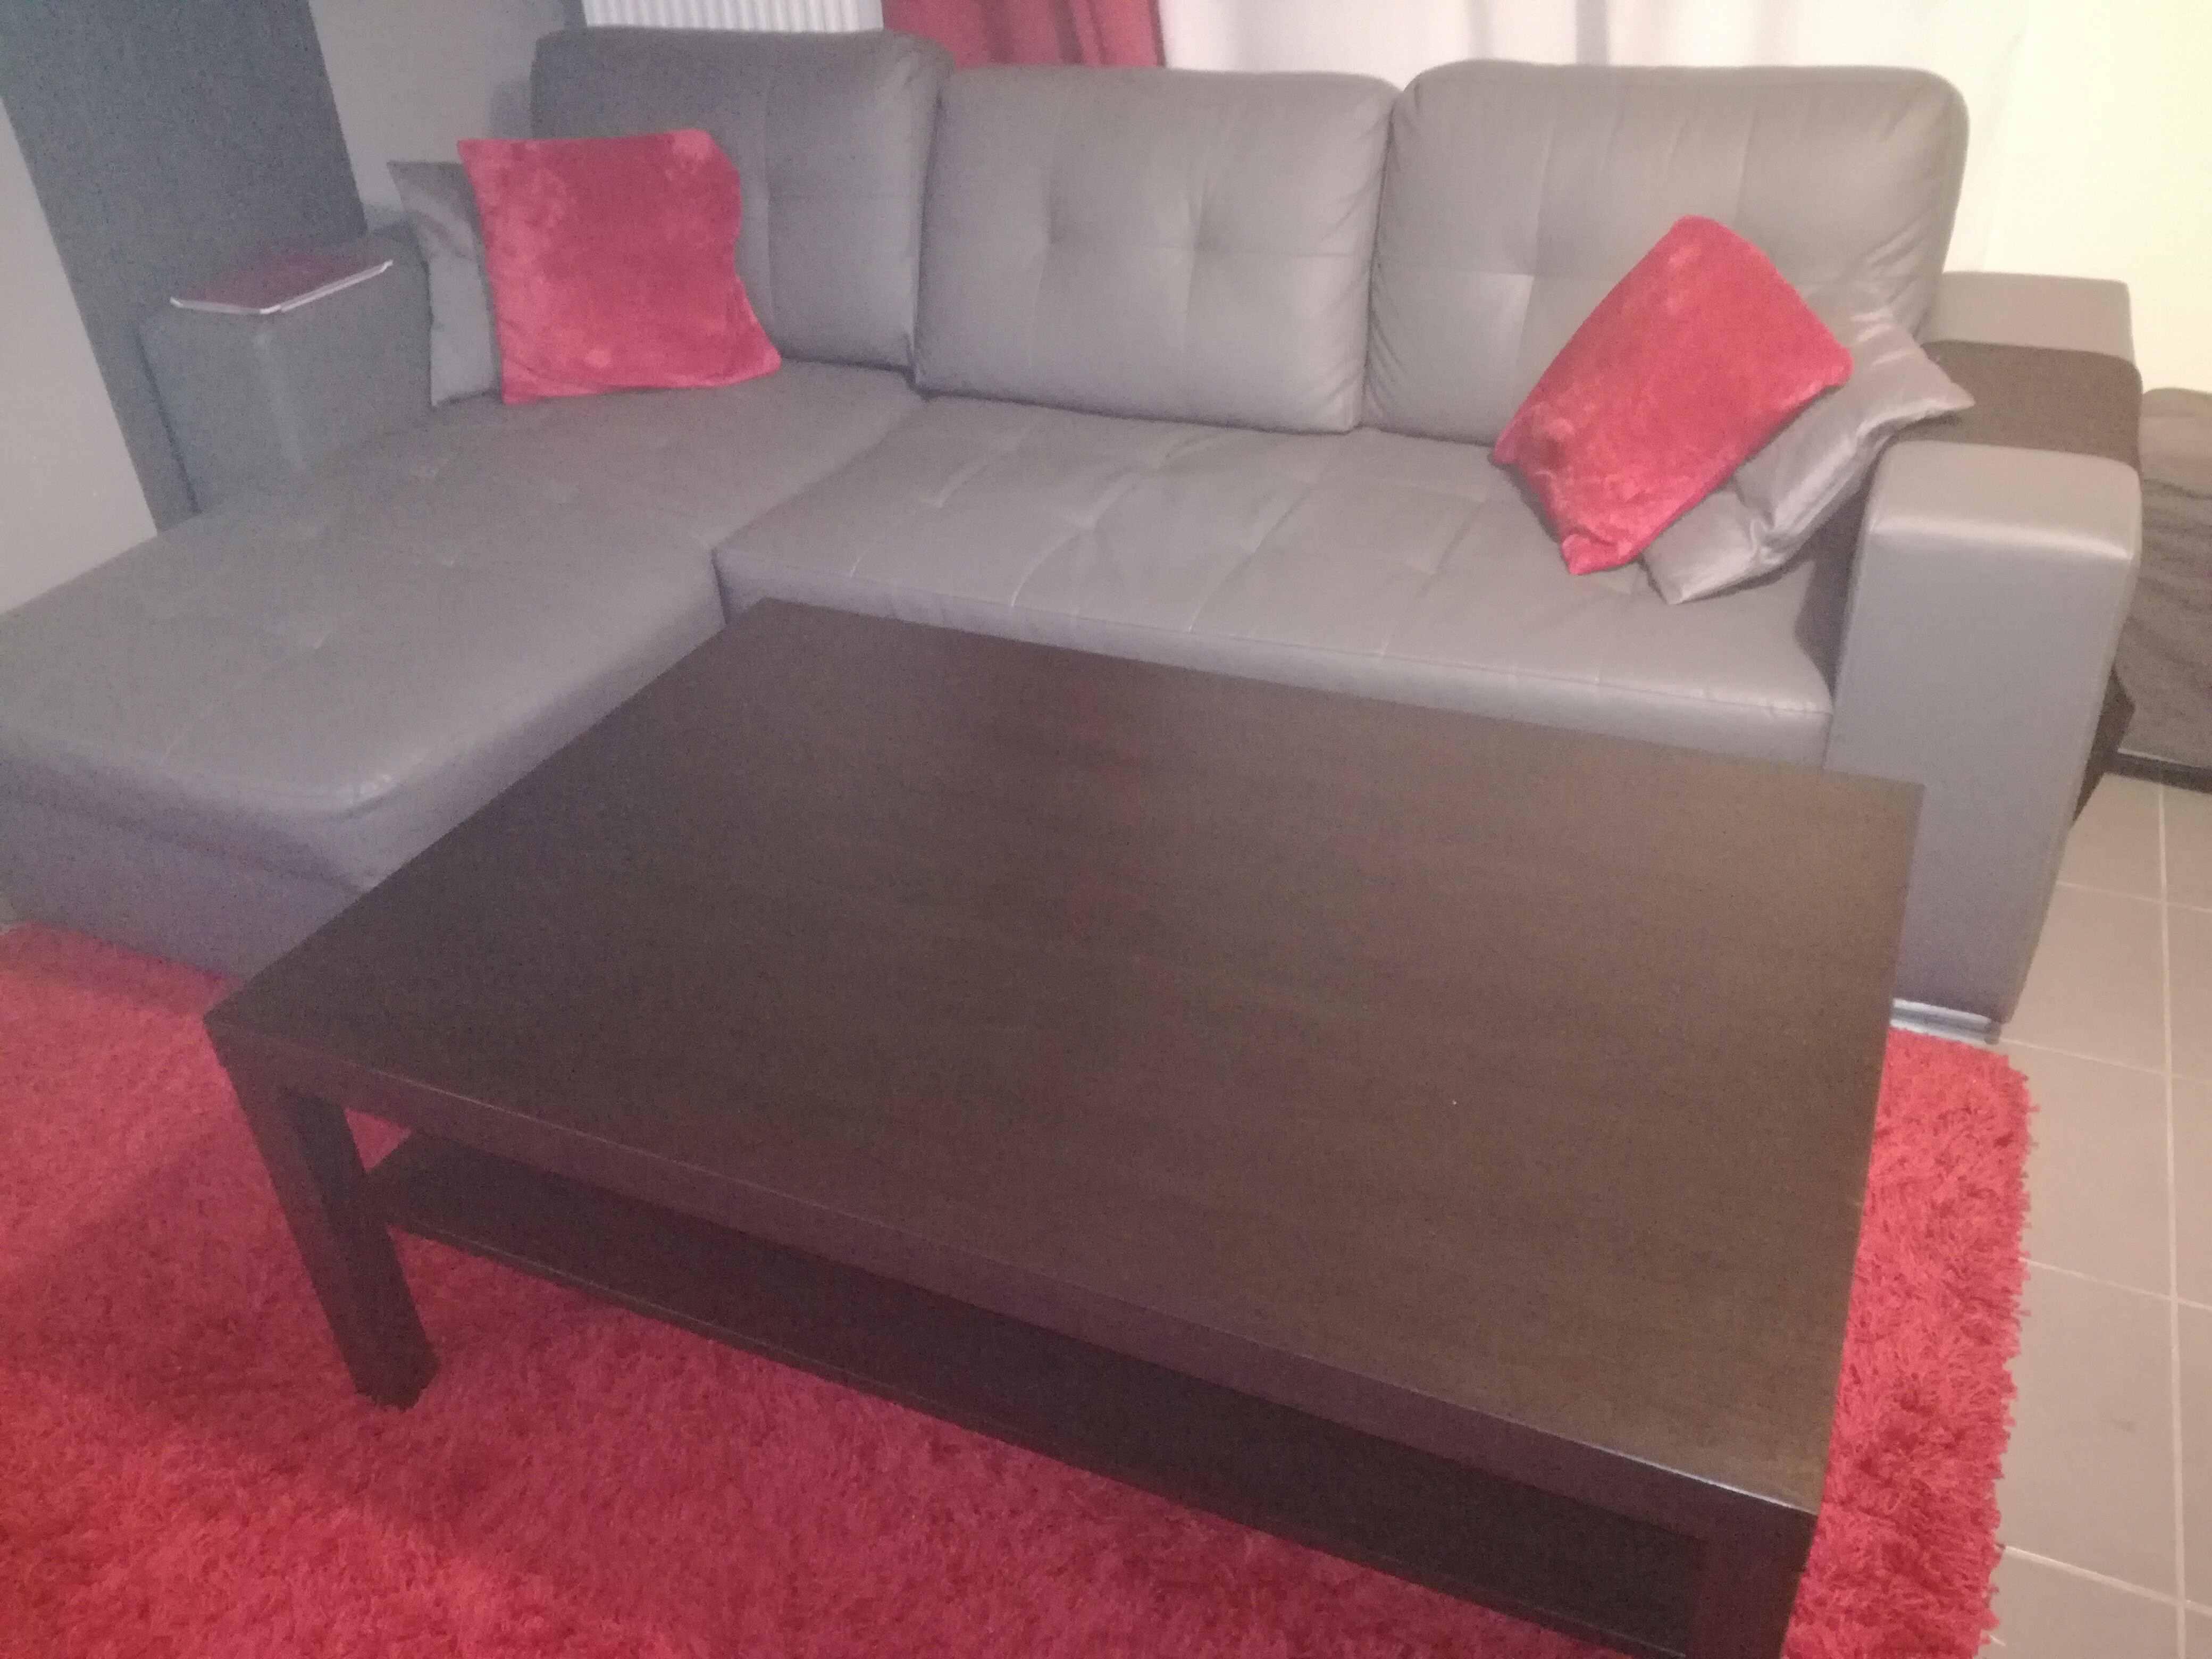 tables basse occasion toulouse 31 annonces achat et vente de tables basse paruvendu. Black Bedroom Furniture Sets. Home Design Ideas